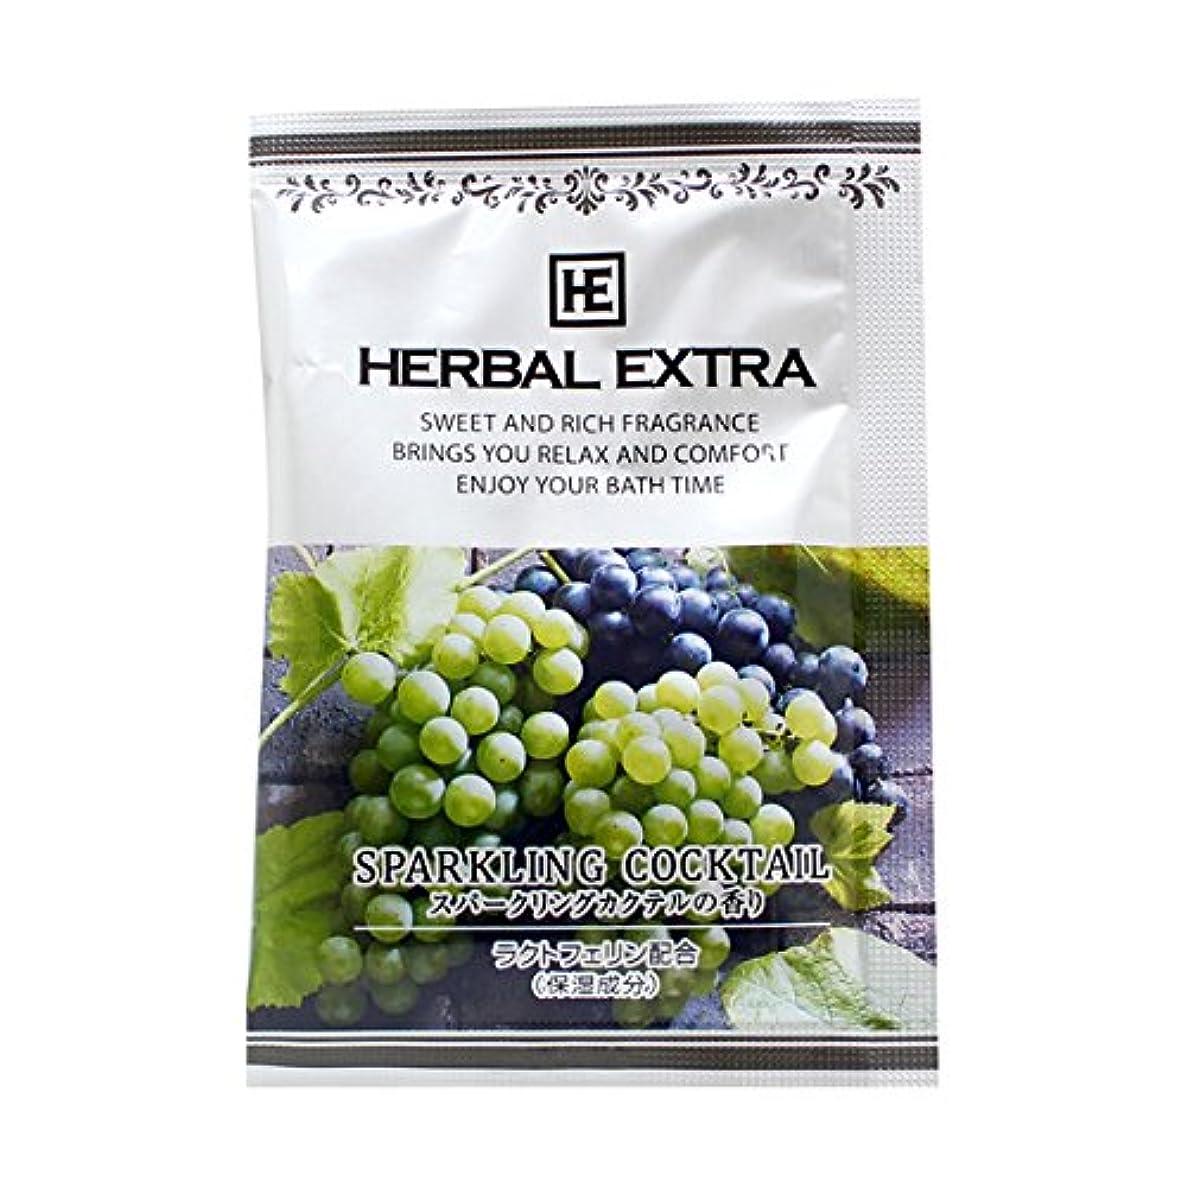 アーティファクトパケット優遇入浴剤 ハーバルエクストラ「スパークリングカクテルの香り」30個